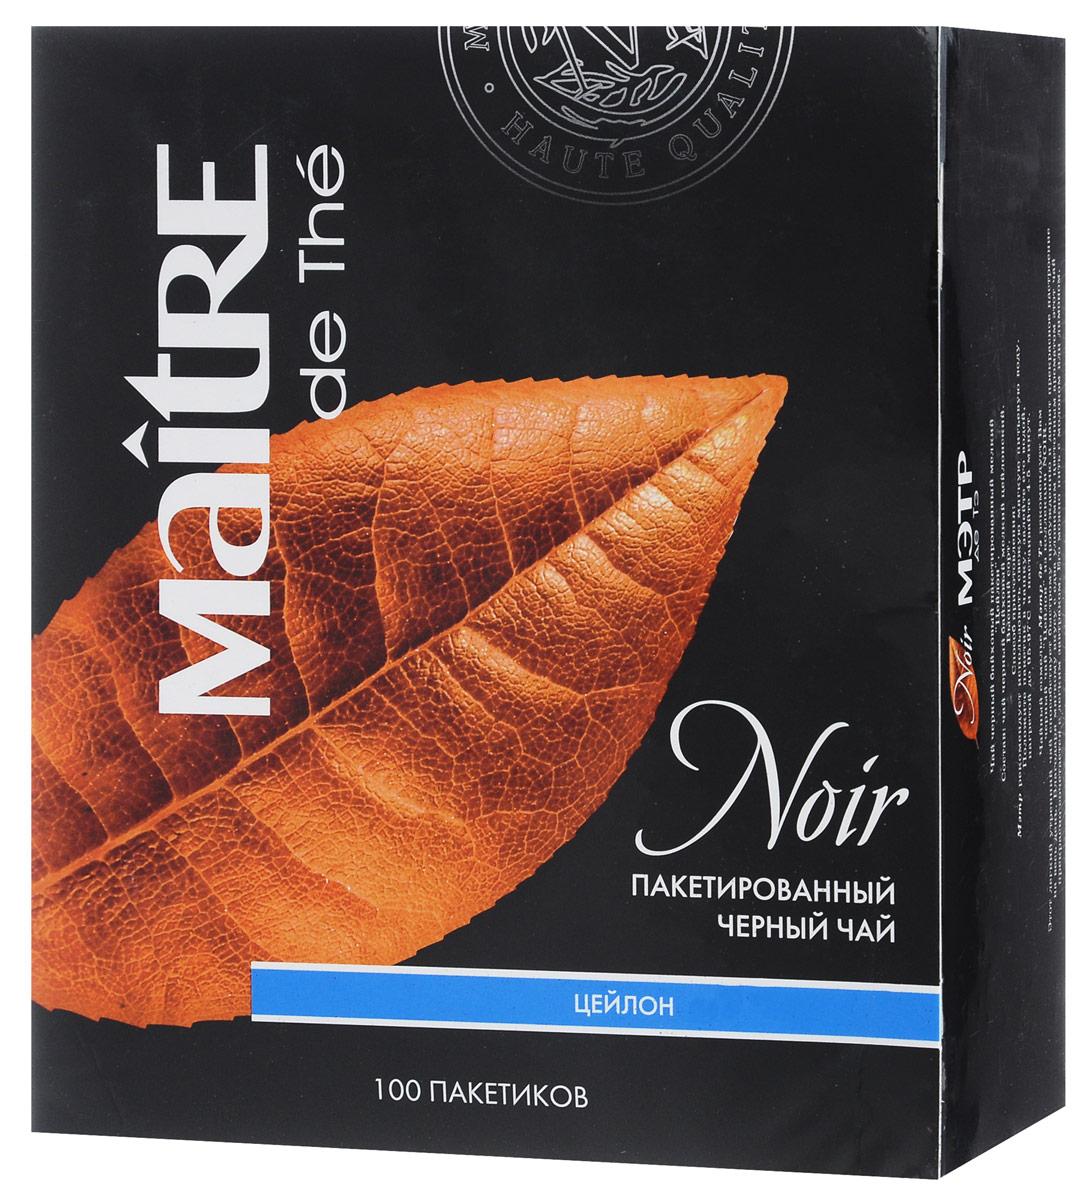 Maitre Цейлон черный байховый чай в пакетиках, 100 штбак290рЧерный байховый чай Maitre Цейлон в пакетиках. Настой имеет темно-коричневый прозрачный цвет и насыщенный вкус. Этот легкий утренний чай способствует быстрому пробуждению и дарит прекрасное настроение на весь день. Благодаря мягкому вкусу с едва уловимым ароматом этот чай прекрасно сочетается с легким завтраком. Его можно пить с молоком или лимоном.